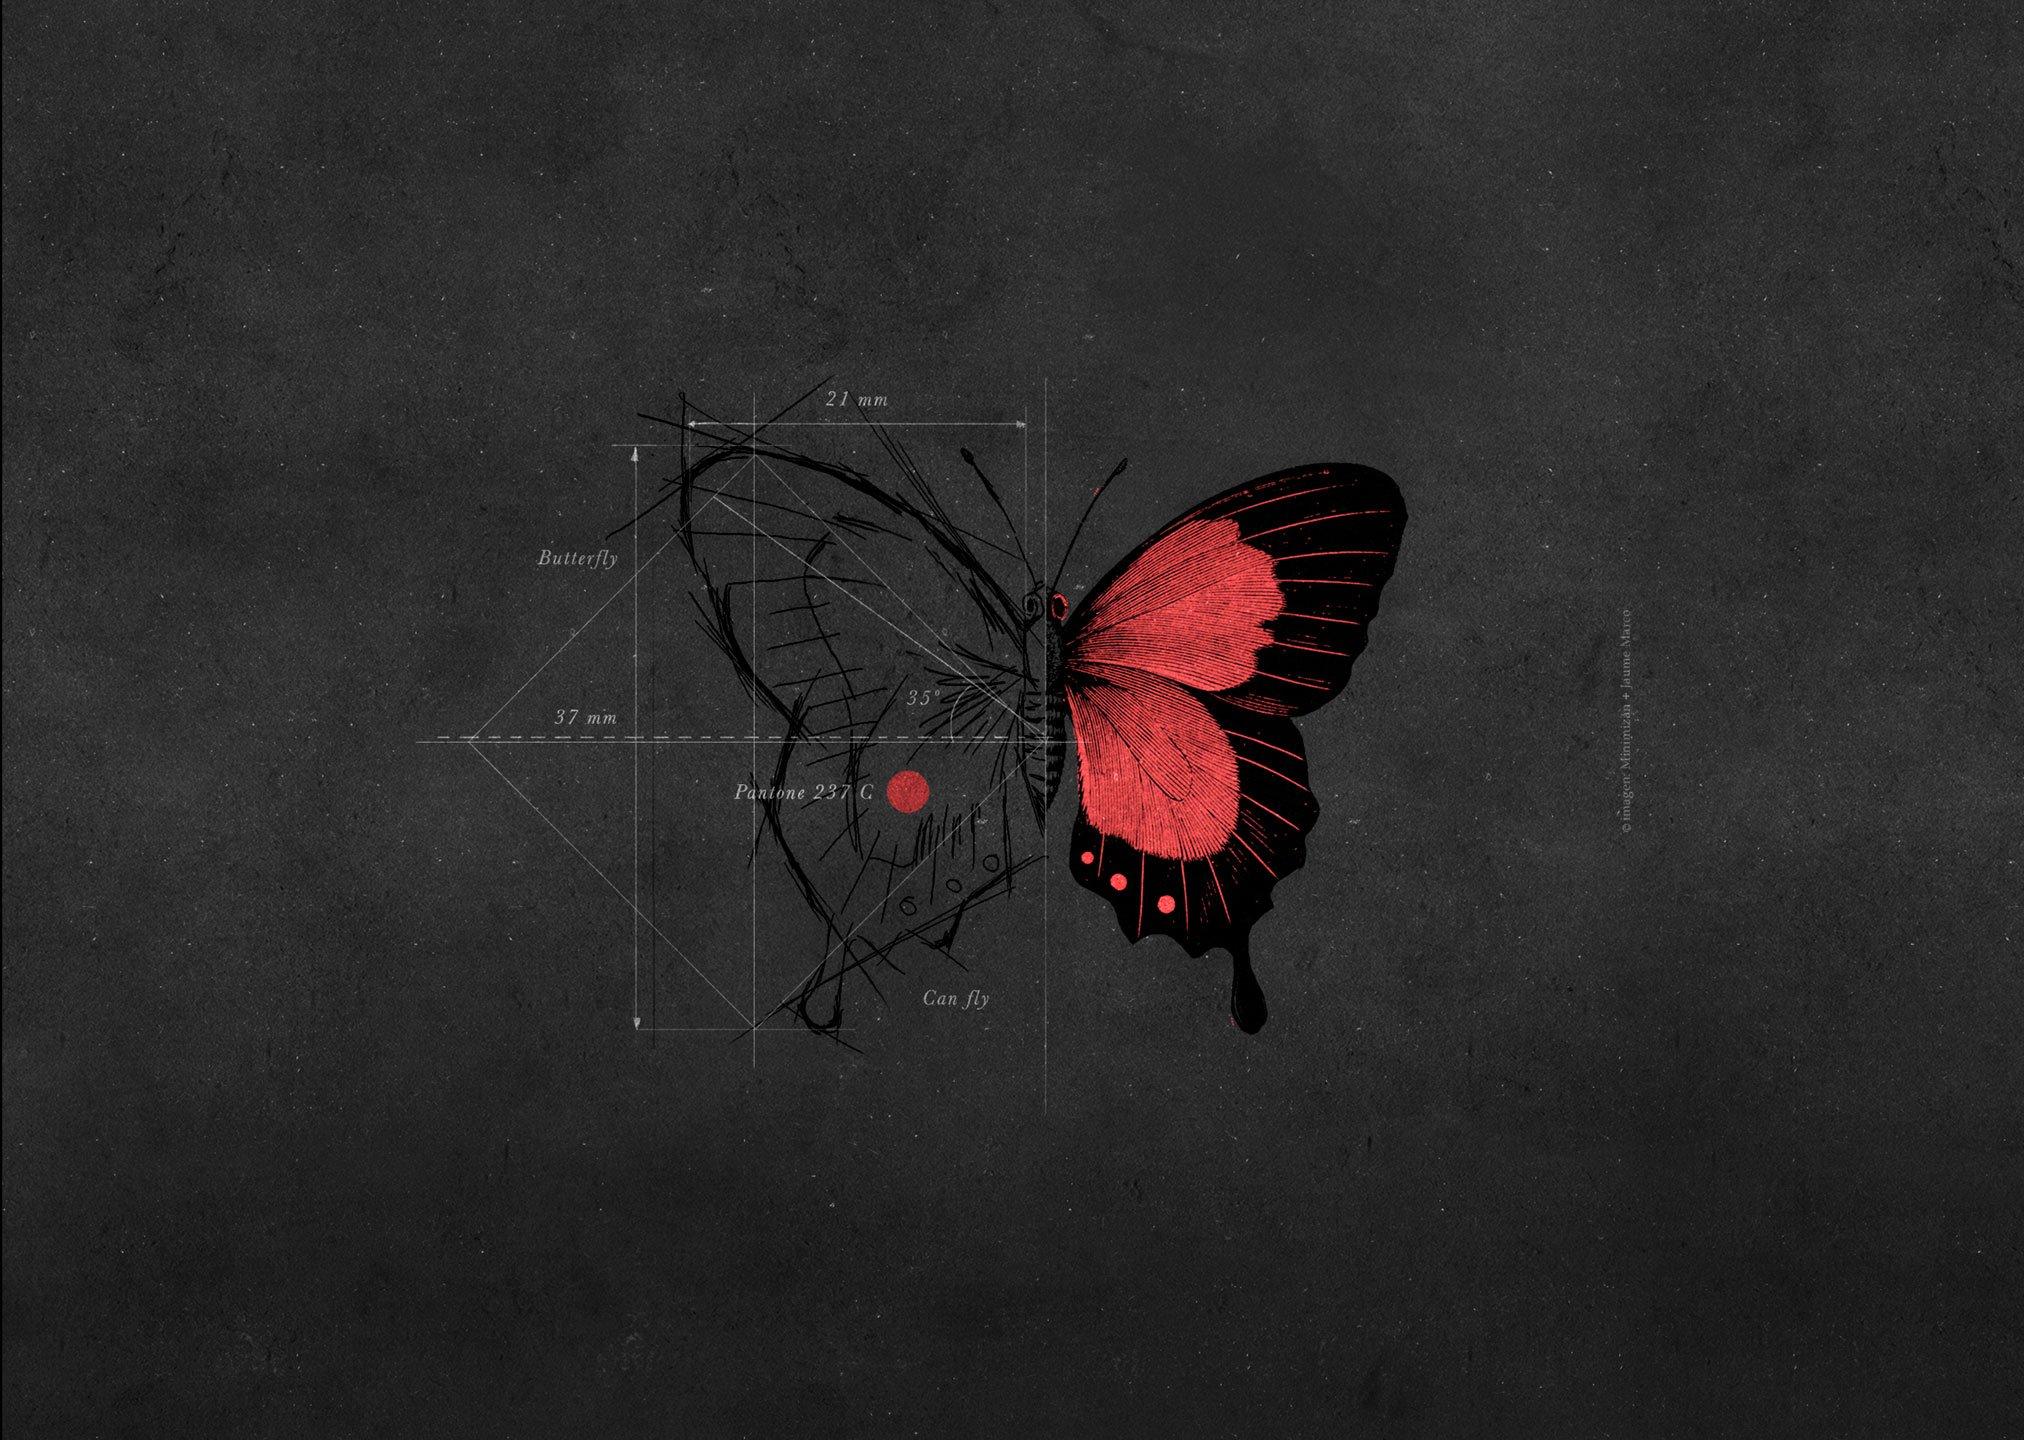 imagen de mariposa dibujada representando servico diseño de identidades visuales